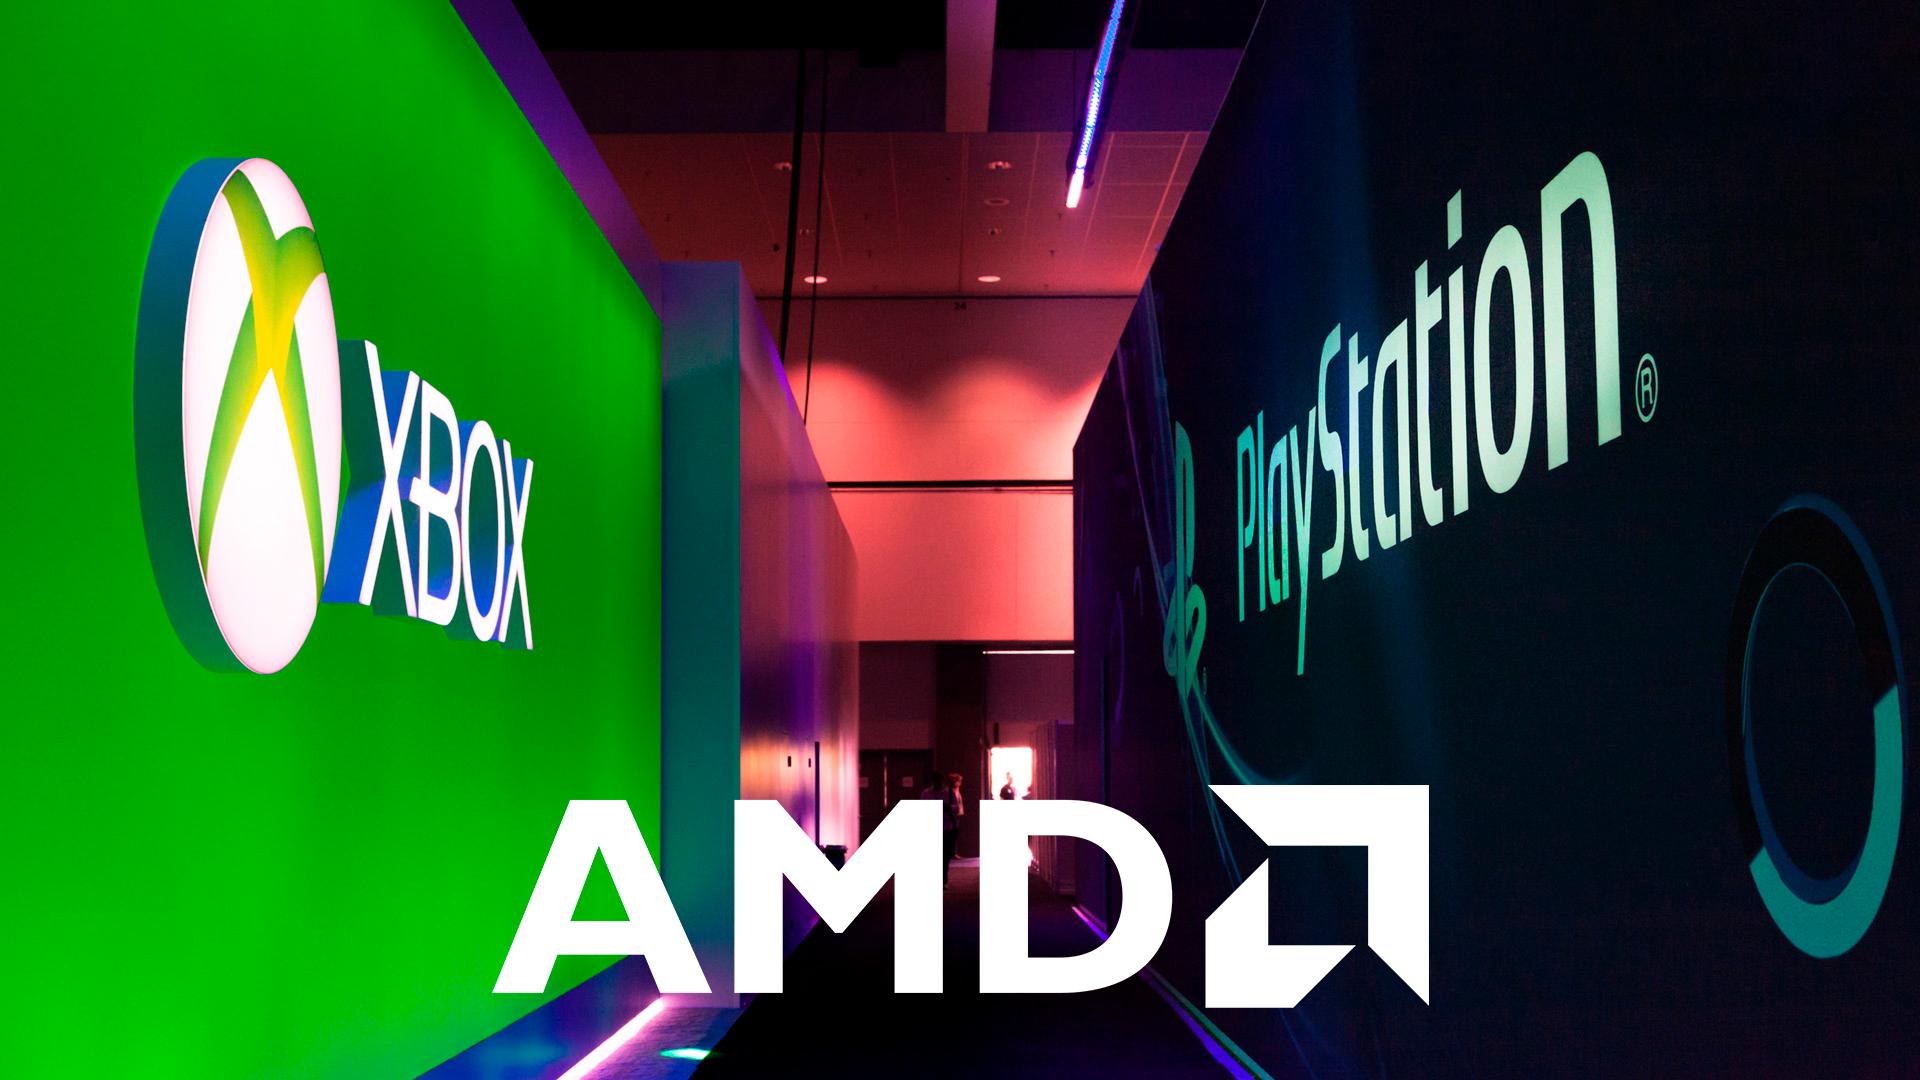 AMD confirmó que está trabajando junto a Sony y Microsoft en la próxima generación de consolas